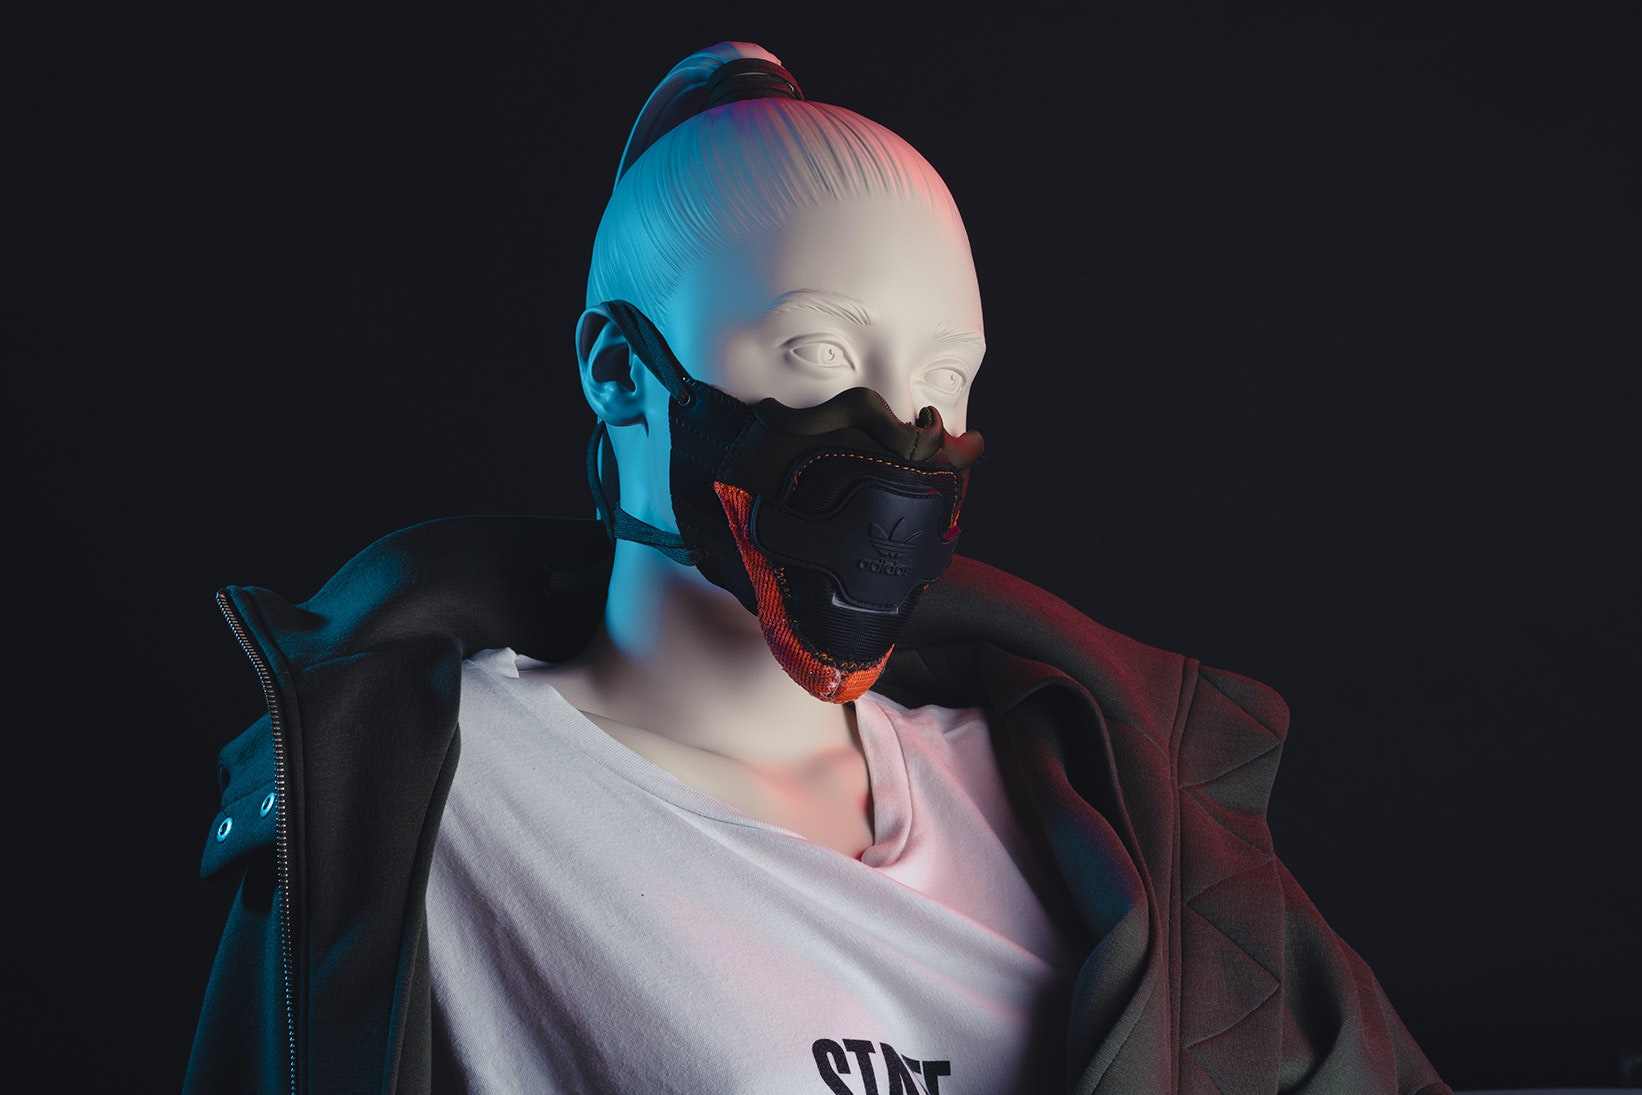 照片中提到了SINT,包含了個人保護設備、麥克風、面具、紫色